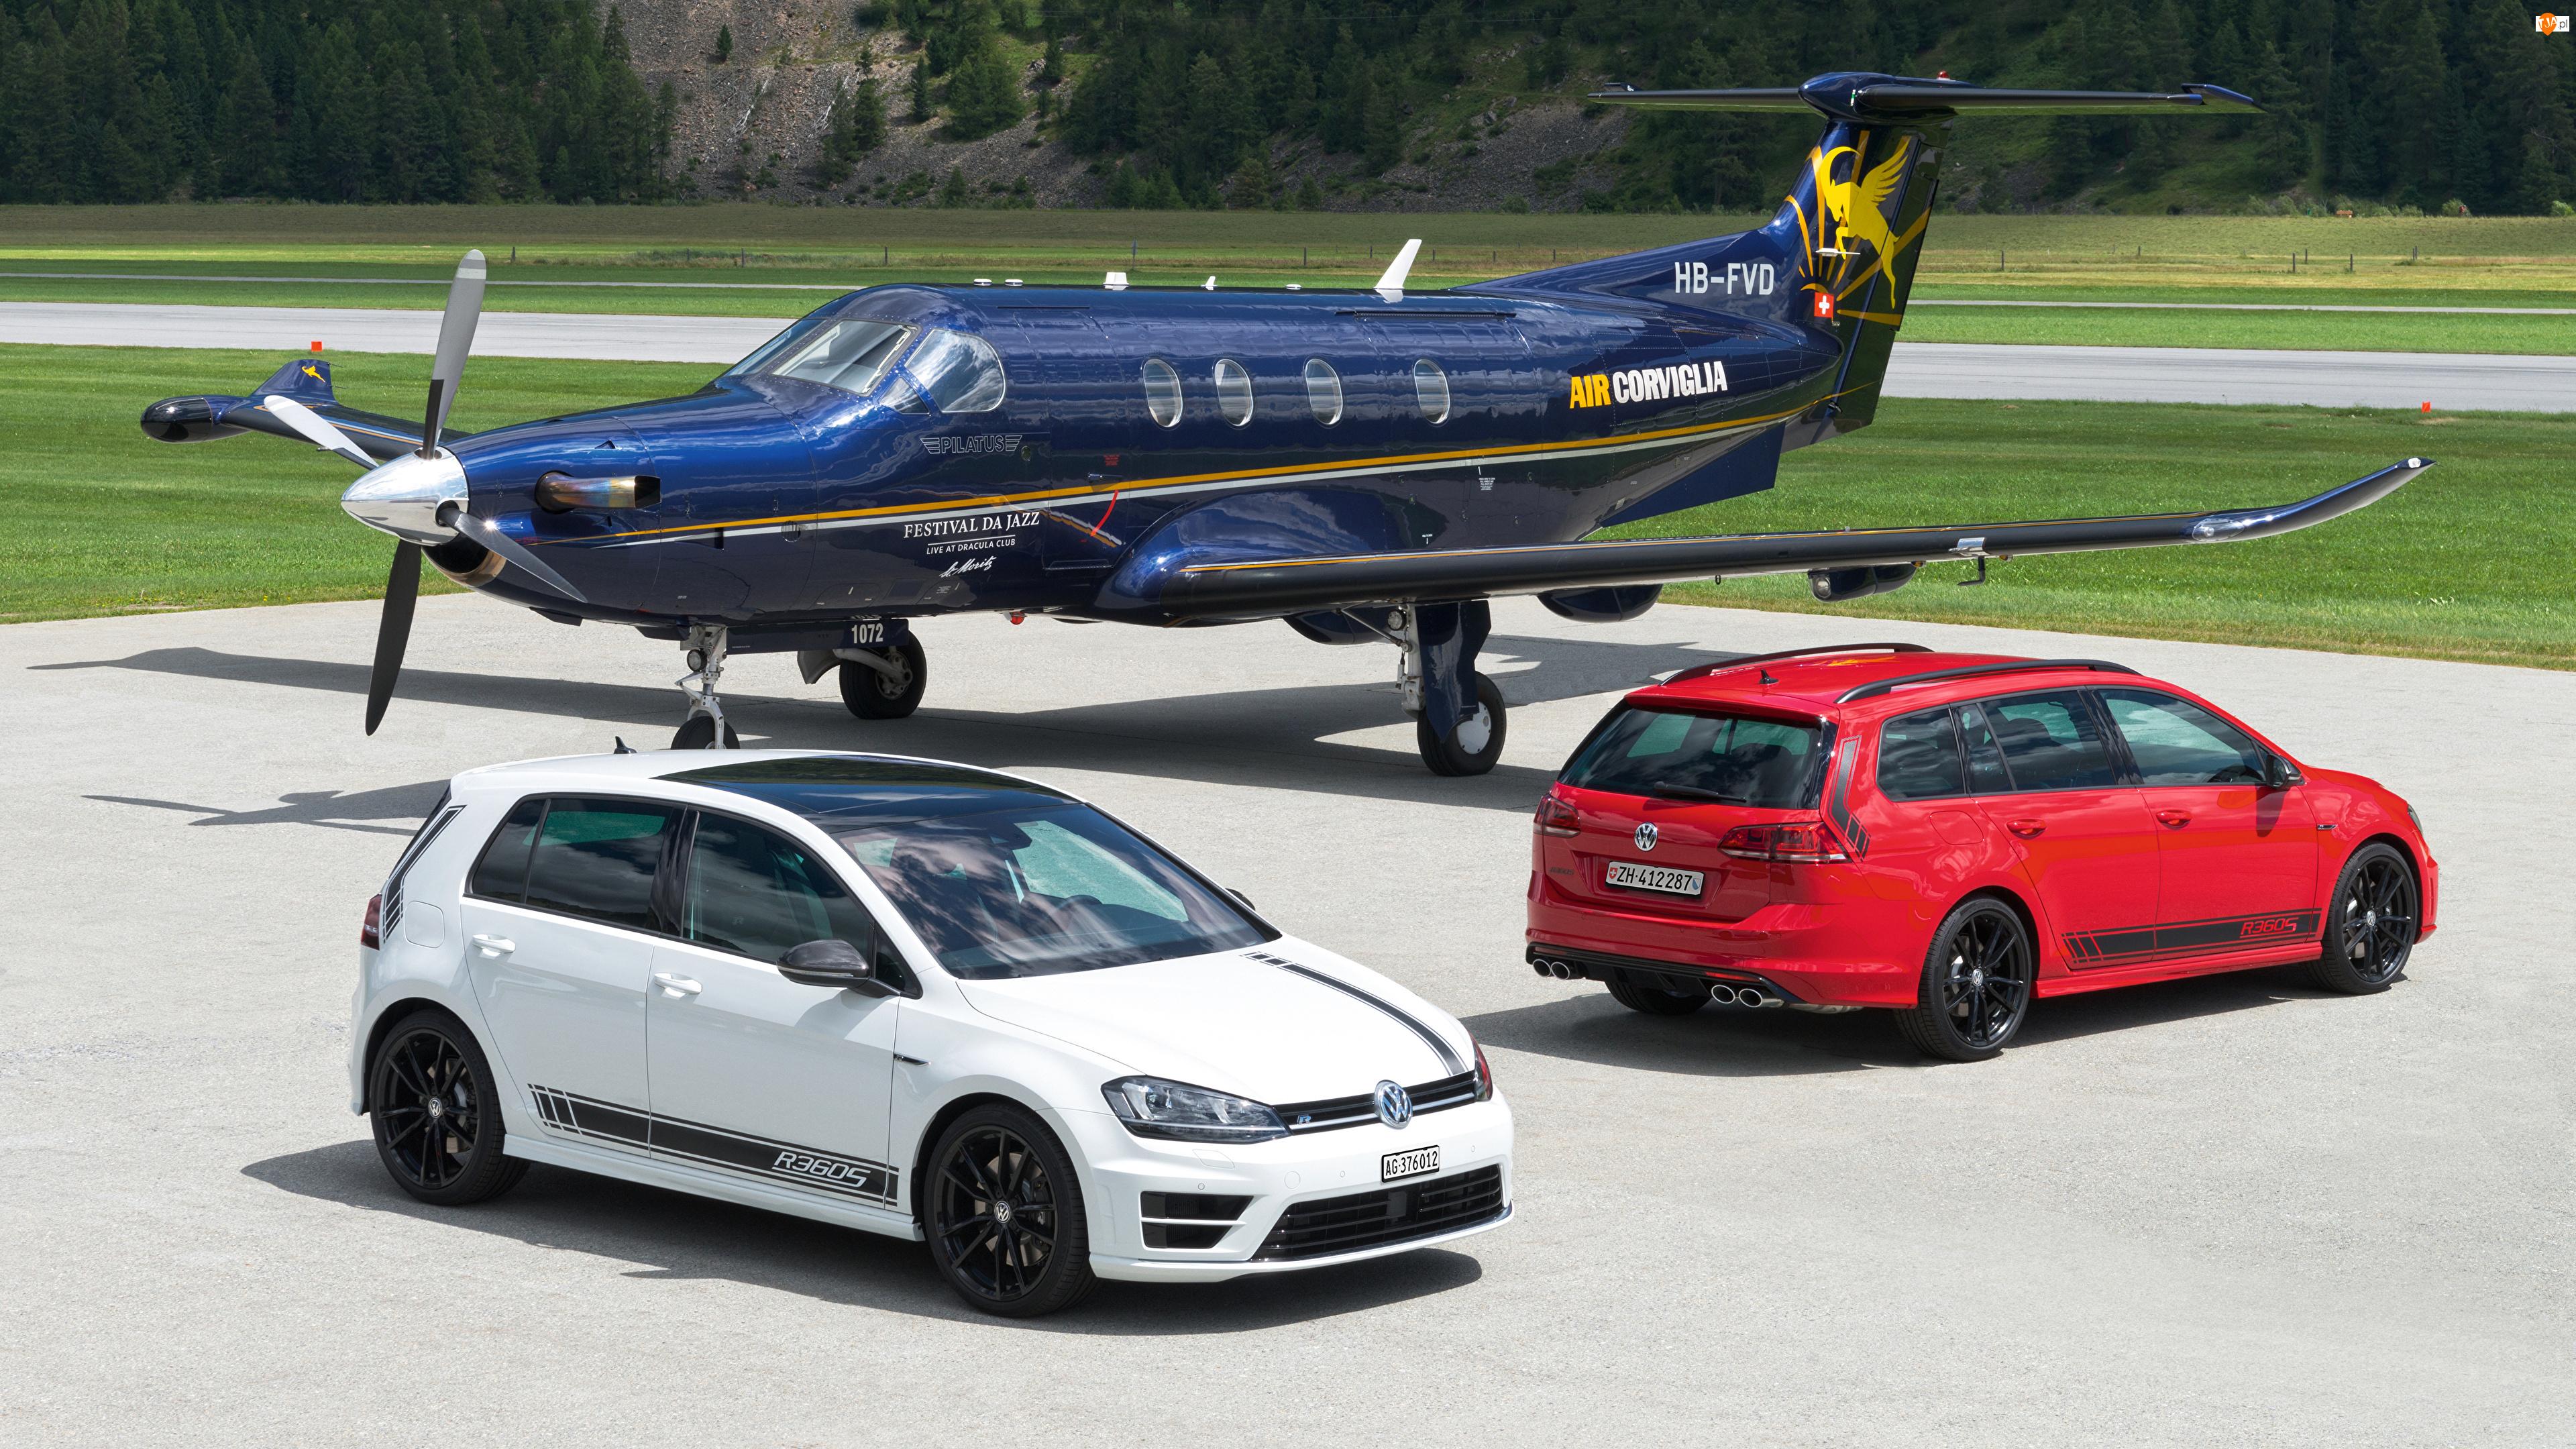 Samochody, Biały, Pilatus PC-12, Dwa, Samolot, Volkswagen Golf R360S, Czerwony